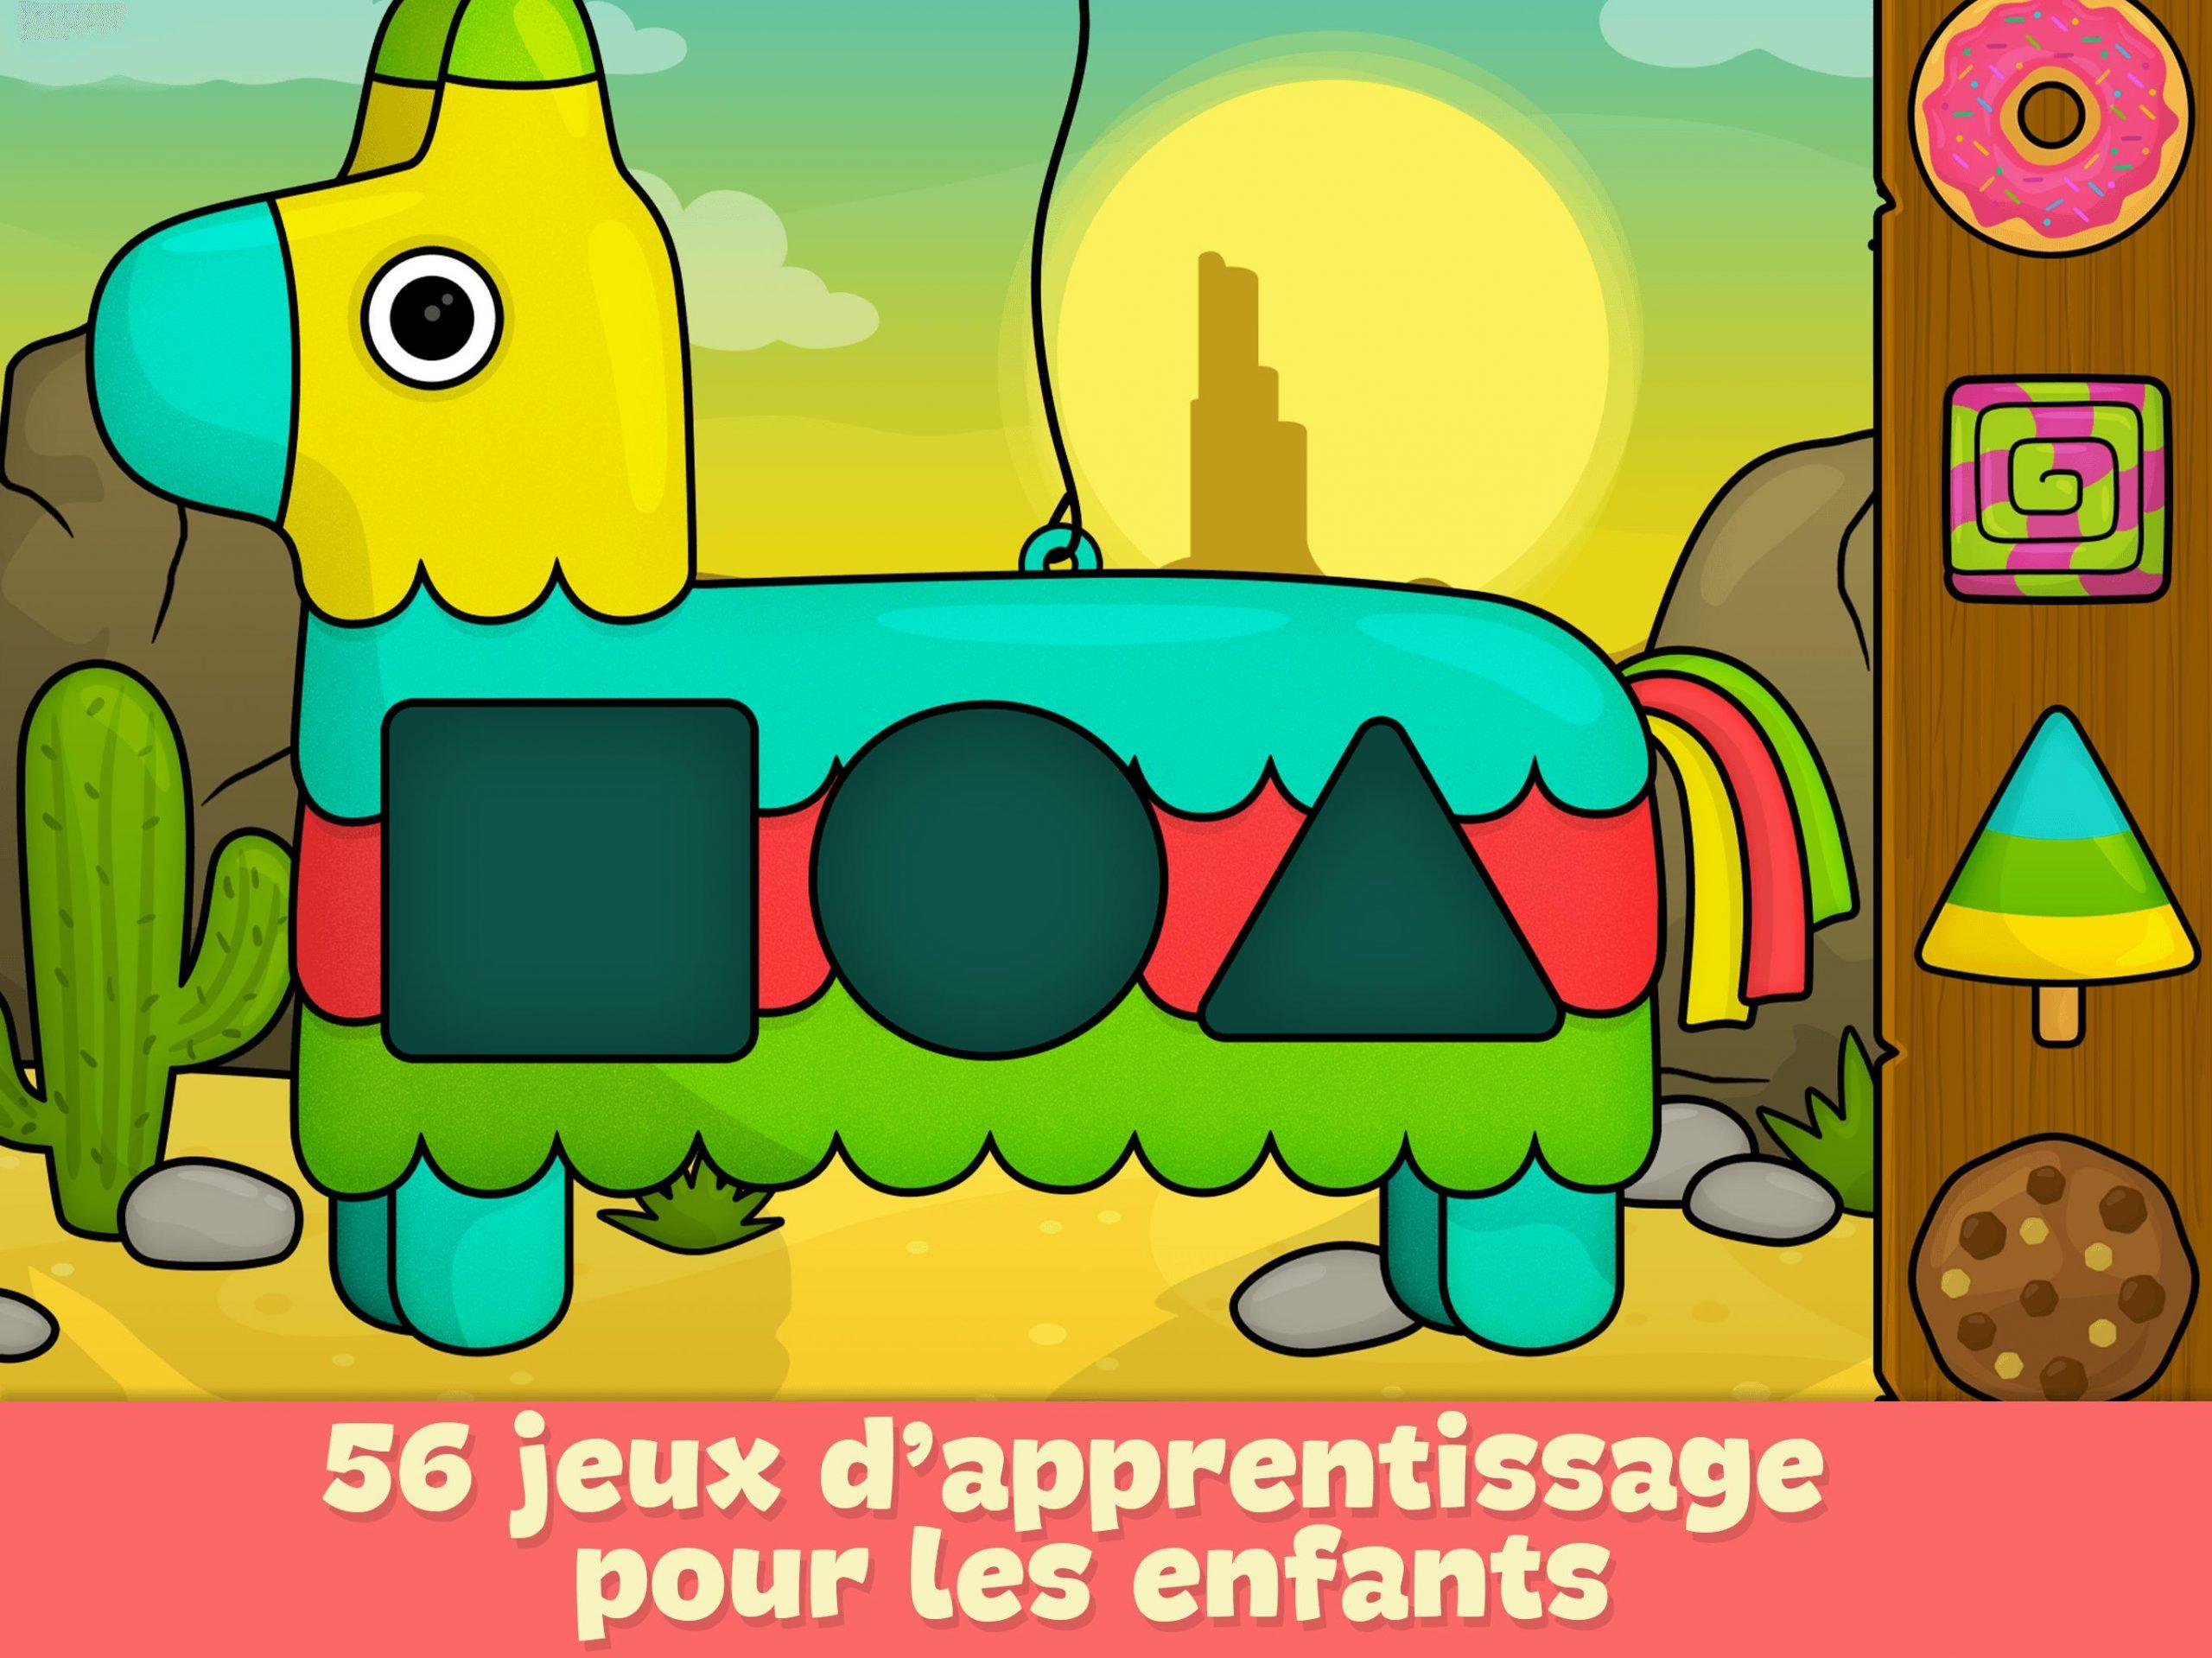 Jeux Pour Enfants 2 - 5 Ans Pour Android - Téléchargez L'apk concernant Jeux De Memoire Gratuit Pour Enfant